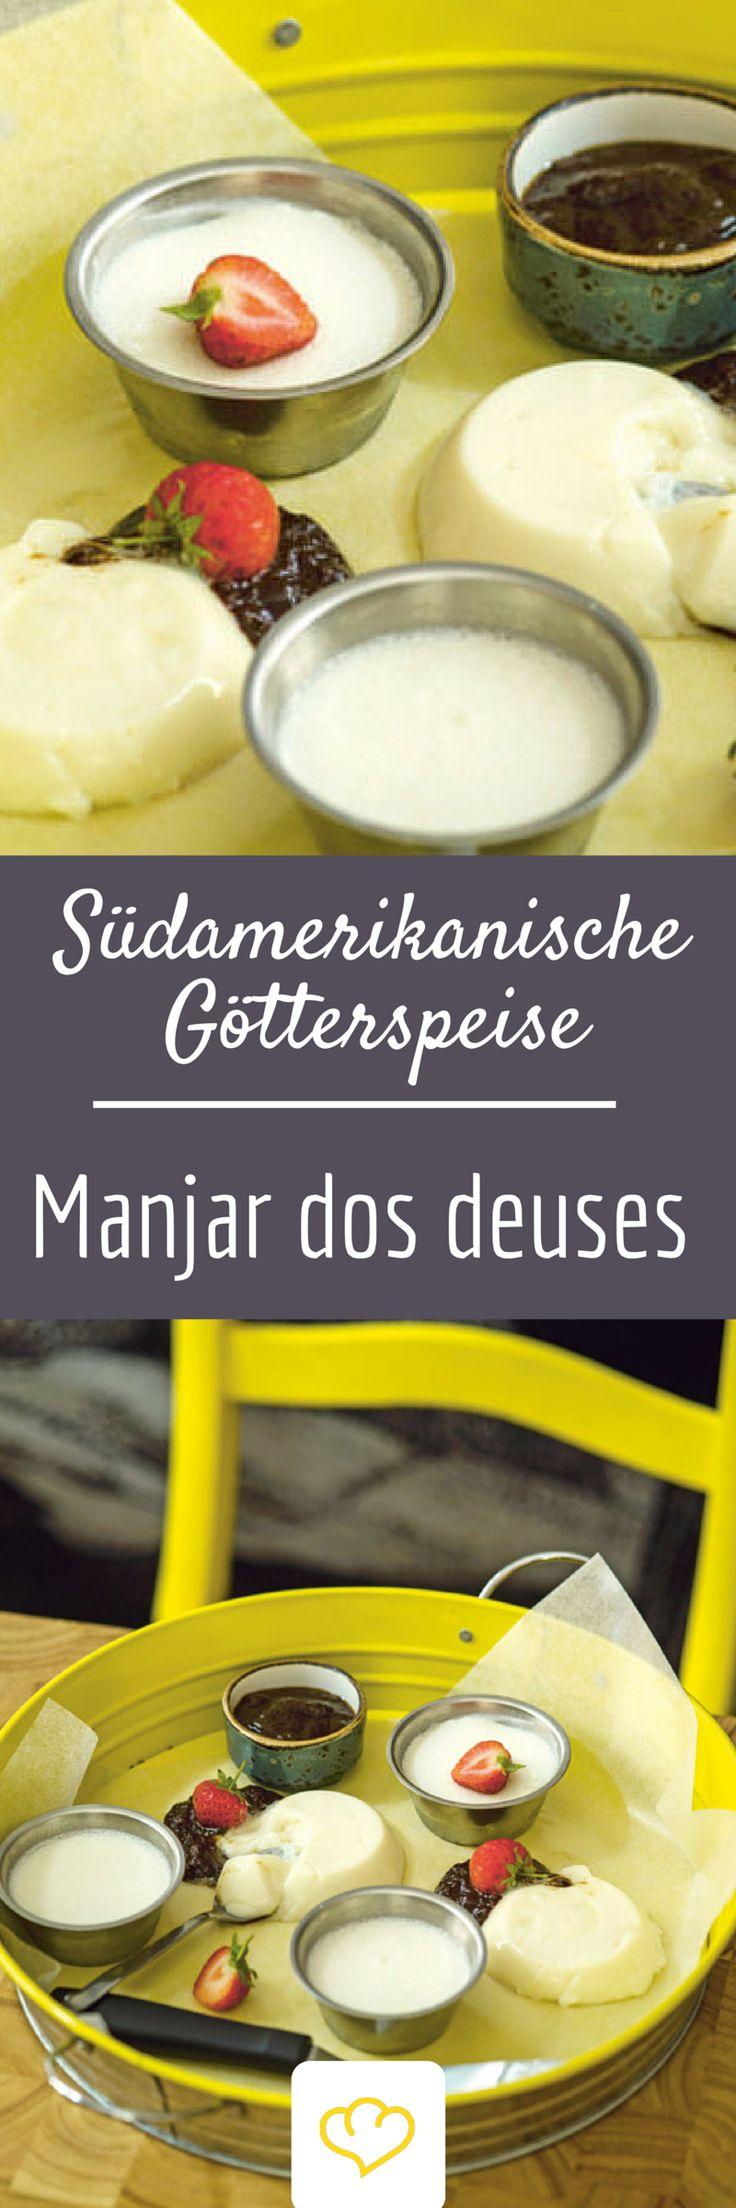 """Dieses Dessert wird insbesondere in Brasilien heiß geliebt. Die Kombination aus Kokos, Pflaumen und Gewürzen schmeckt aber auch himmlisch gut: Südamerikanische Götterspeise """"Manjar dos deuses""""!"""